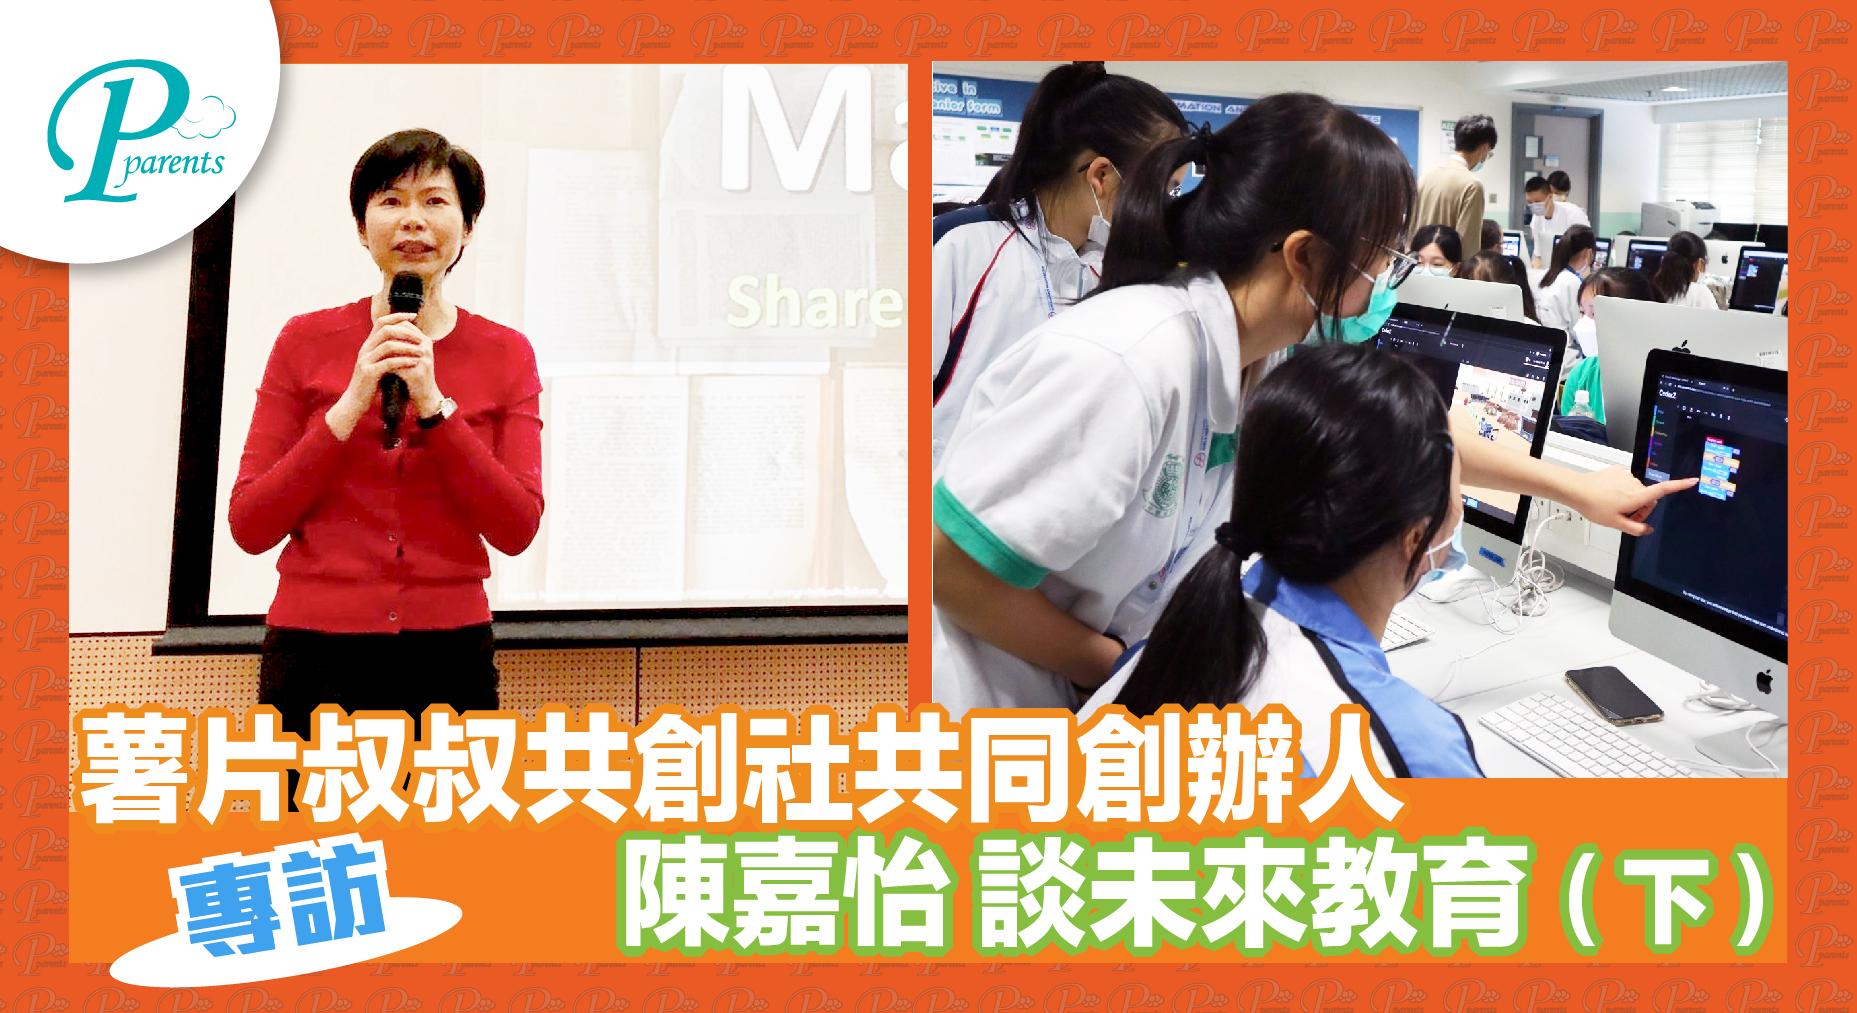 【專訪】薯片叔叔共創社共同創辦人陳嘉怡 談未來教育(下)